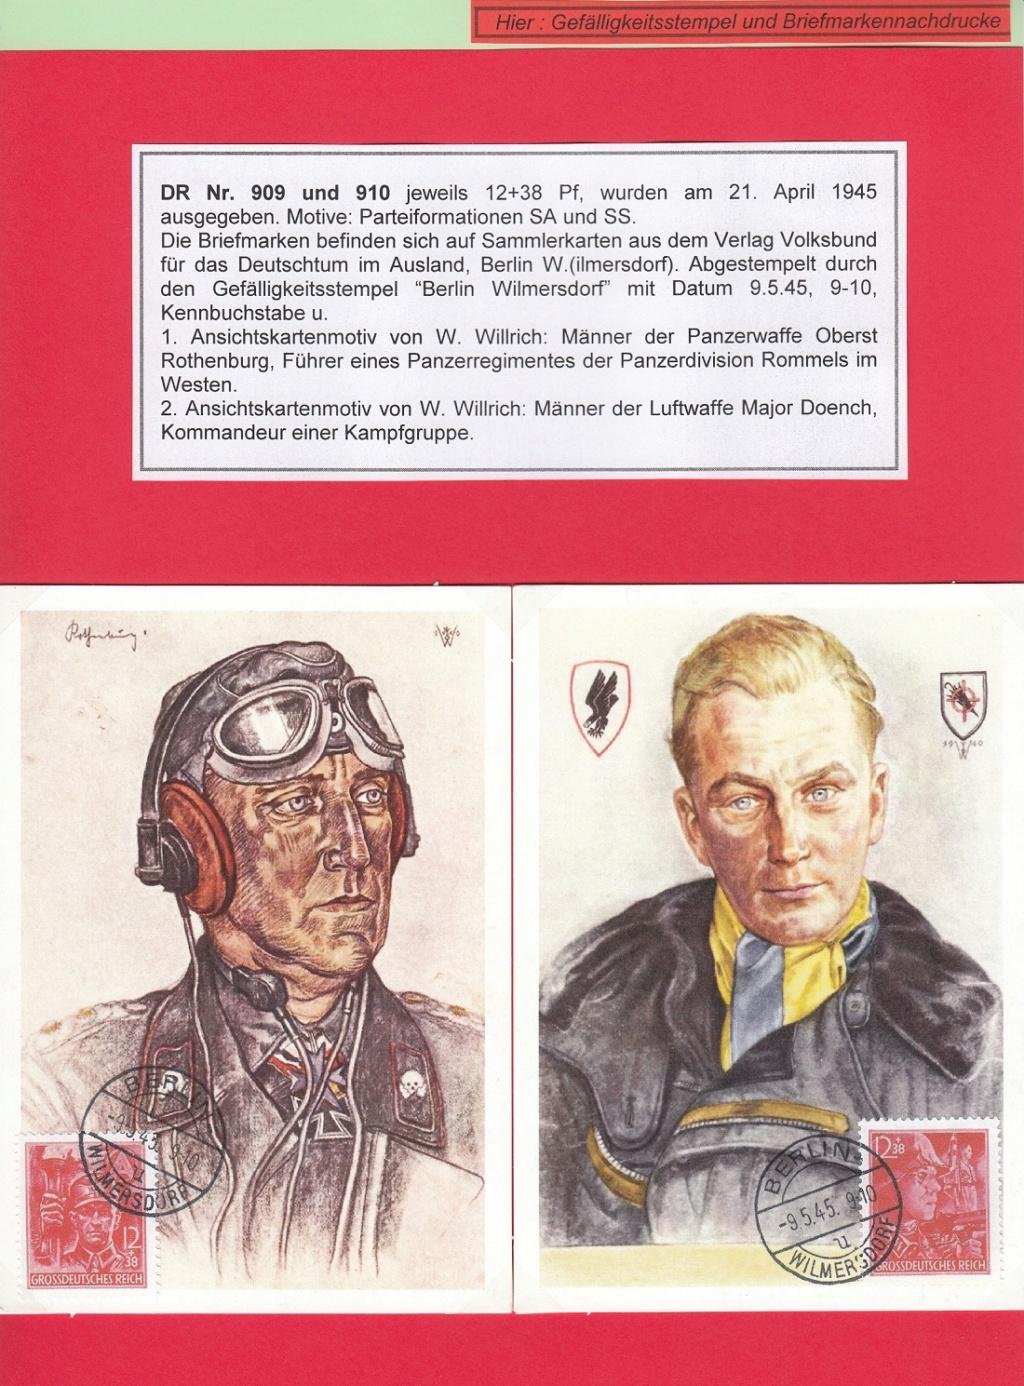 """1945 - Deutsches Reich von 1933 bis 1945 """"in einer ausgesuchten Perspektive"""" - Seite 2 Dr-6210"""